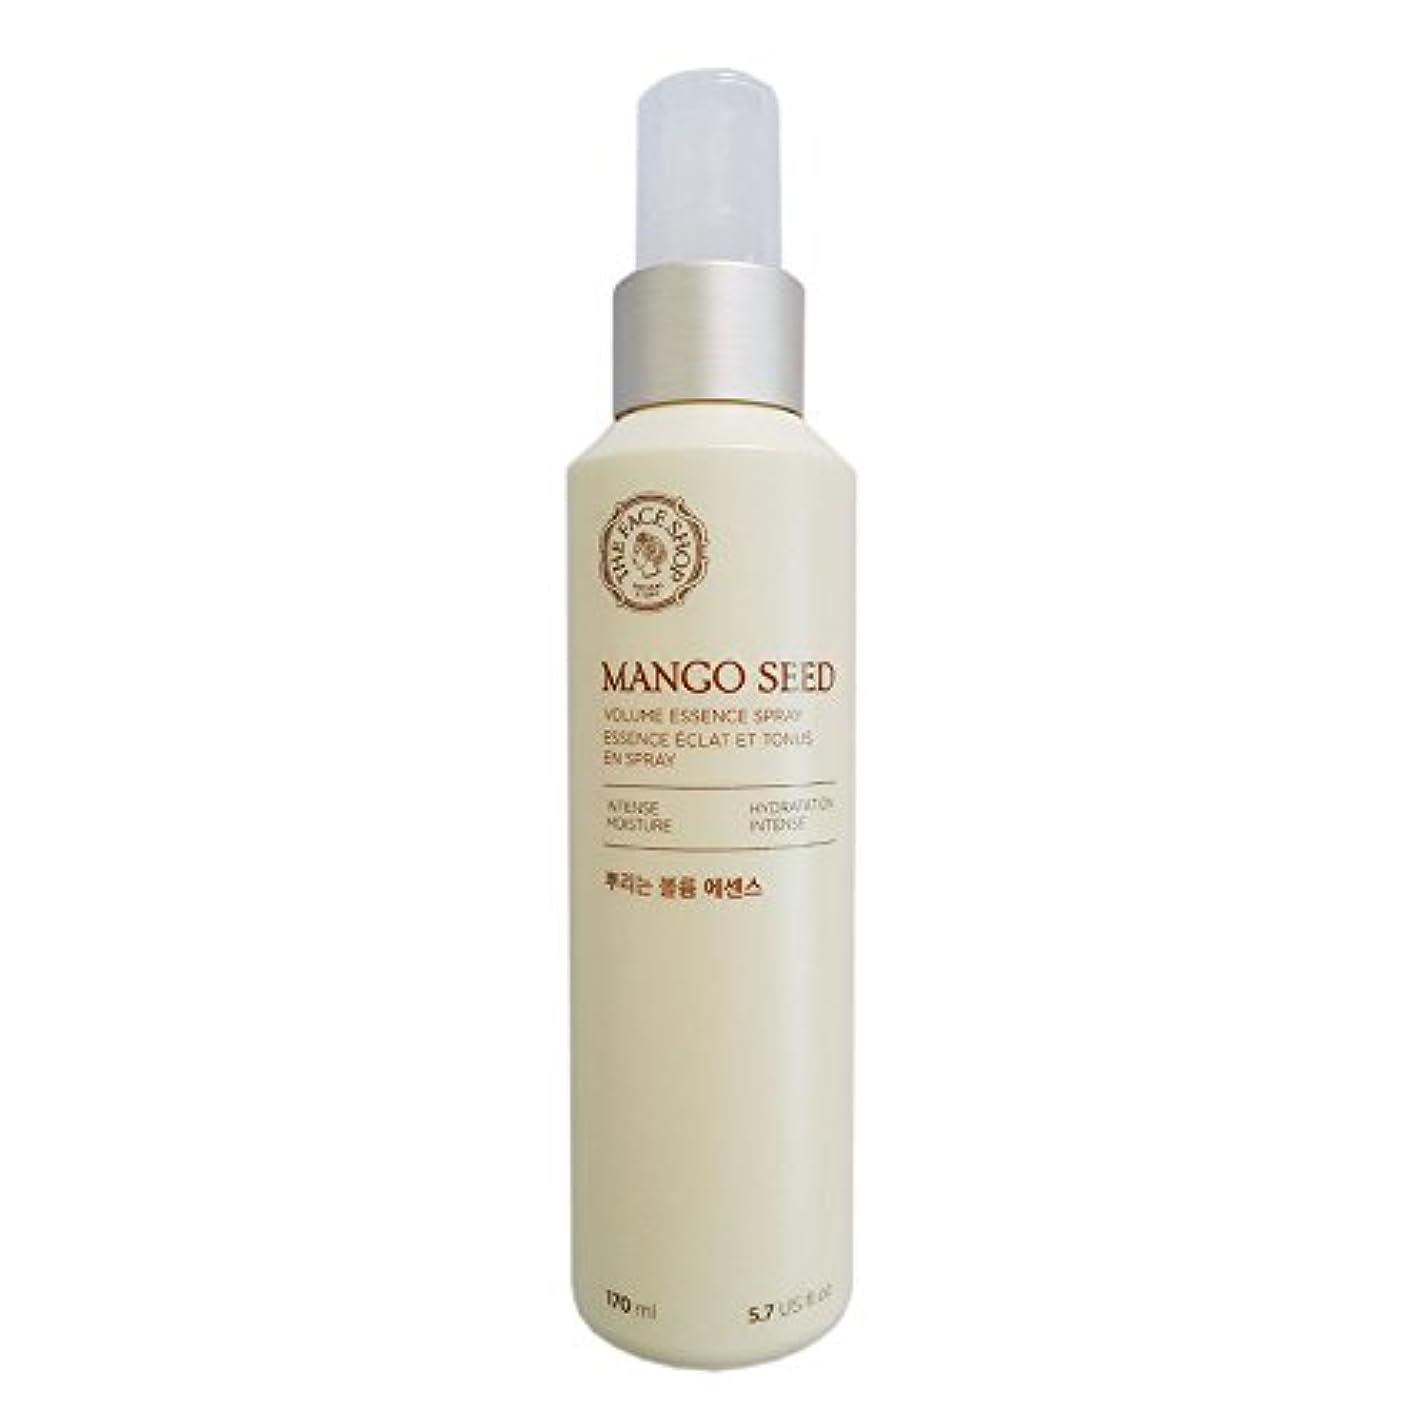 平和平和的光電[ザフェイスショップ] THE FACE SHOP マンゴシードスプレーボリューム?エッセンス(170ml) The Face Shop Mango Seed Volume Essence Spray (170ml) [海外直送品]